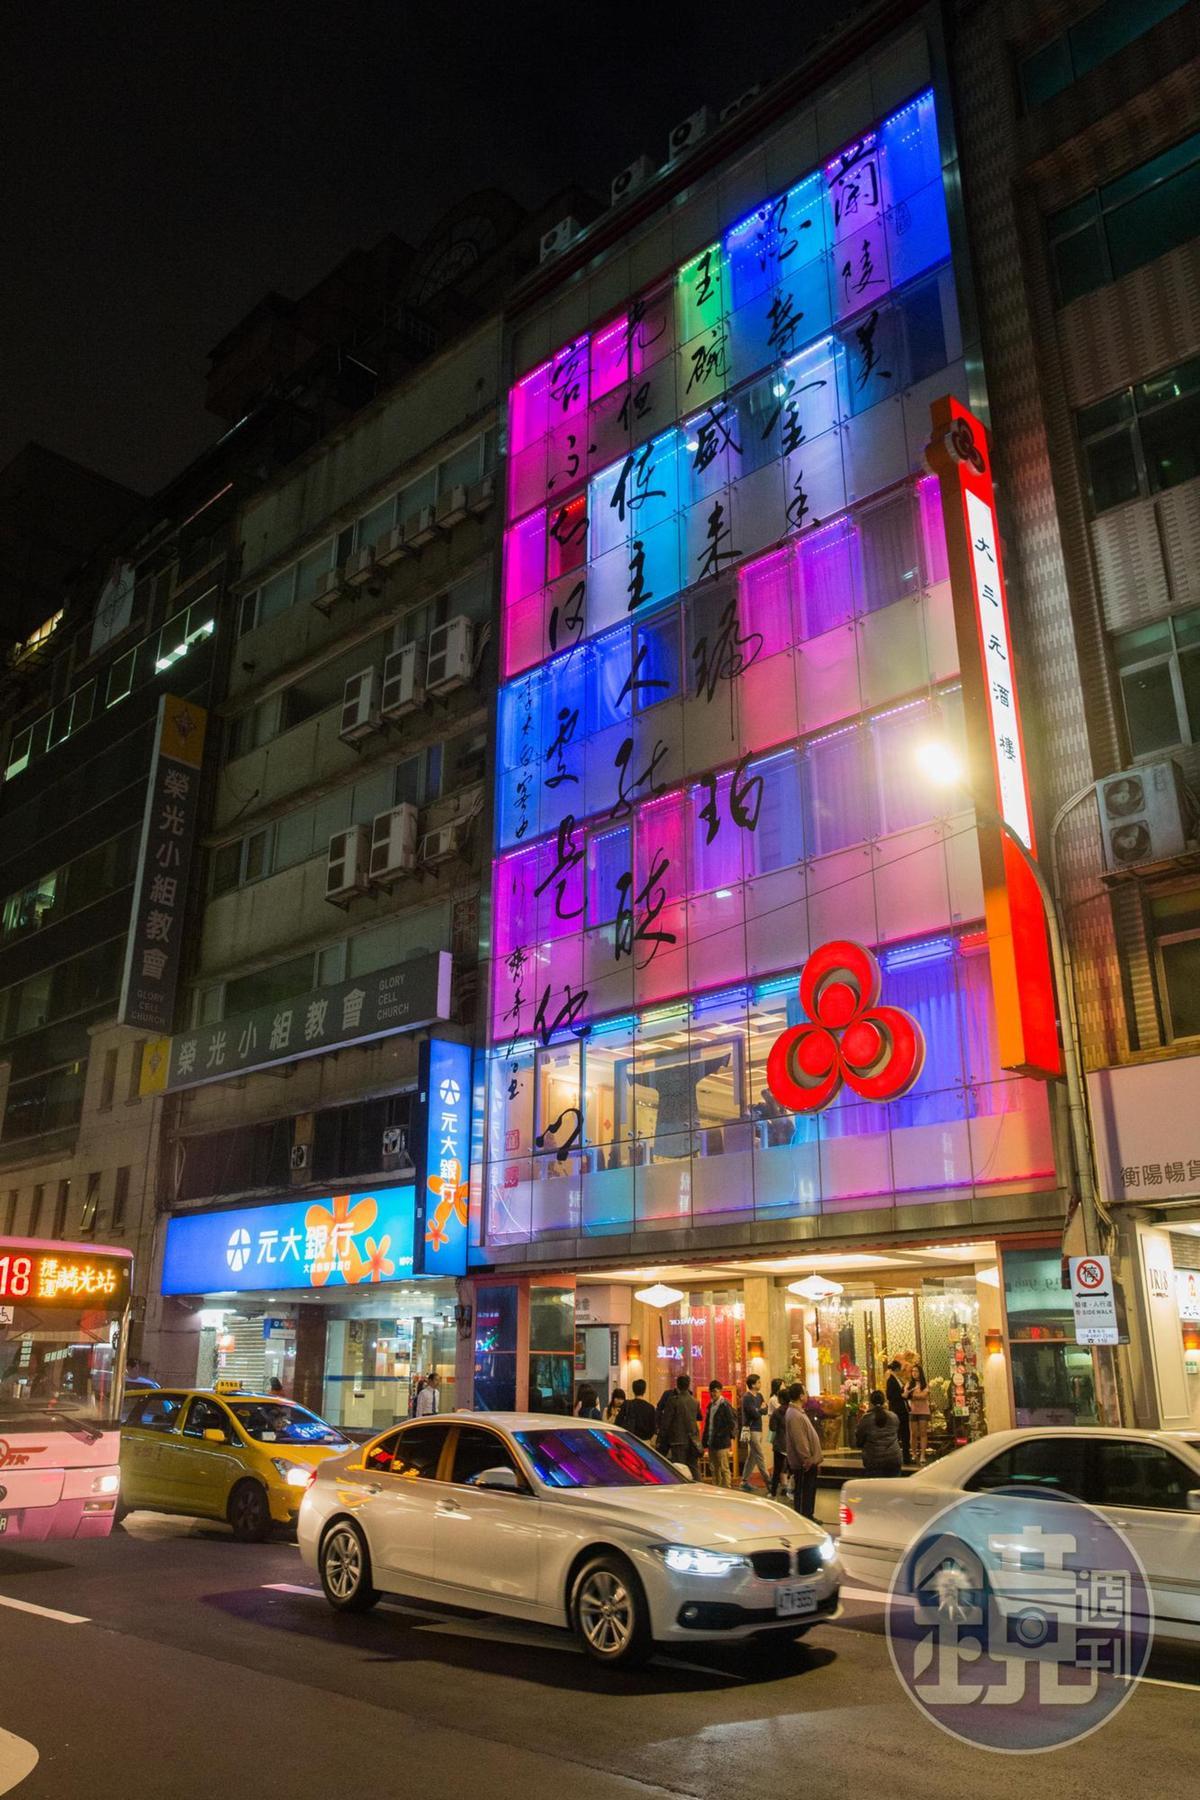 夜晚餐廳亮起六層樓高的草書LED招牌,氣勢磅礡醒目。